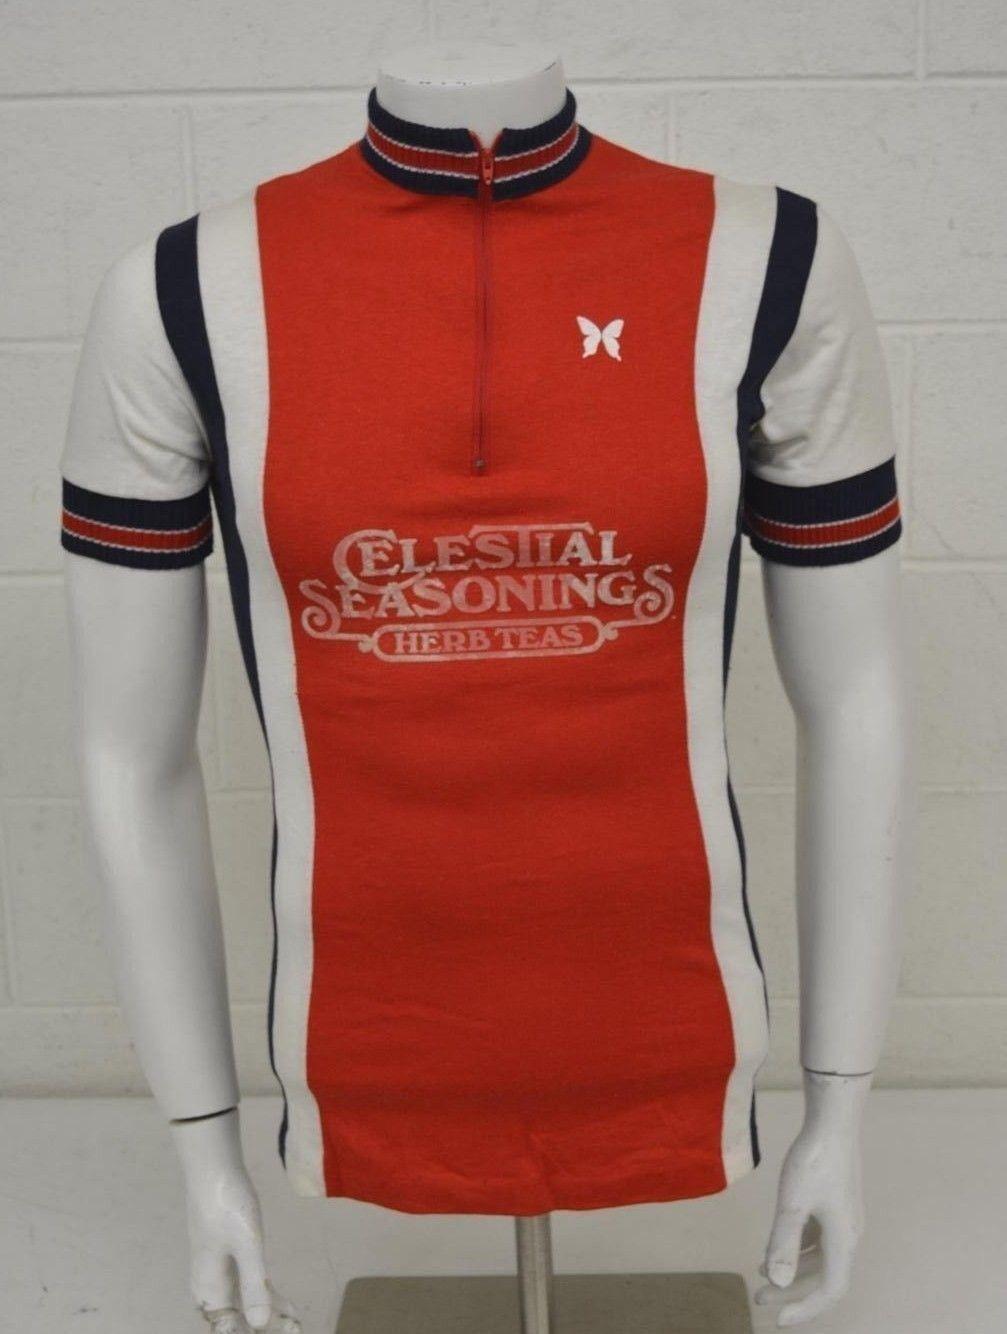 Vintage 1970s Afeitadora Deporte Celestial Seasonings obtener resistente  o morir Club Camiseta S  la mejor selección de